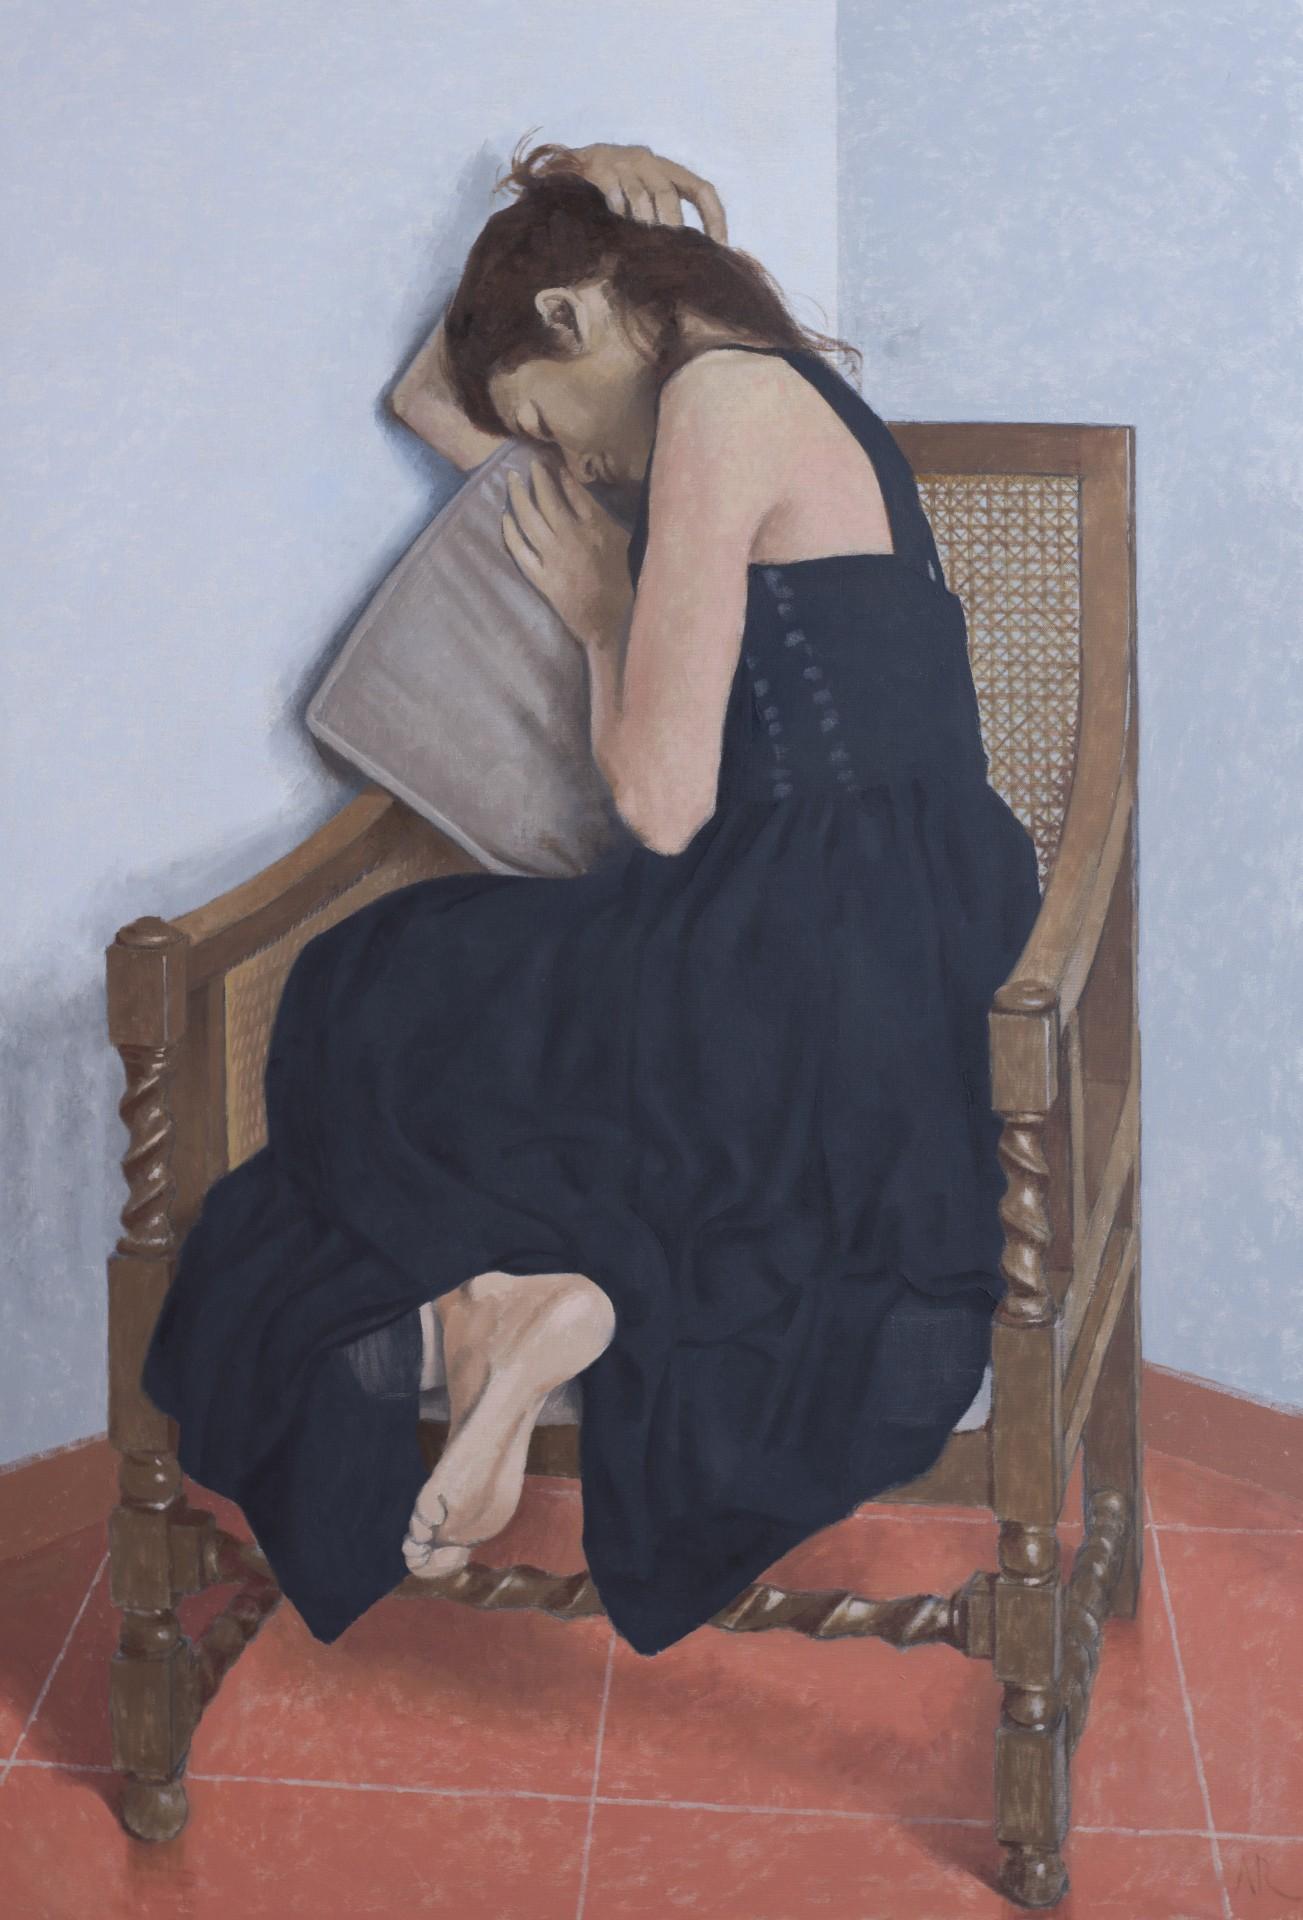 Vrouw met zwarte jurk